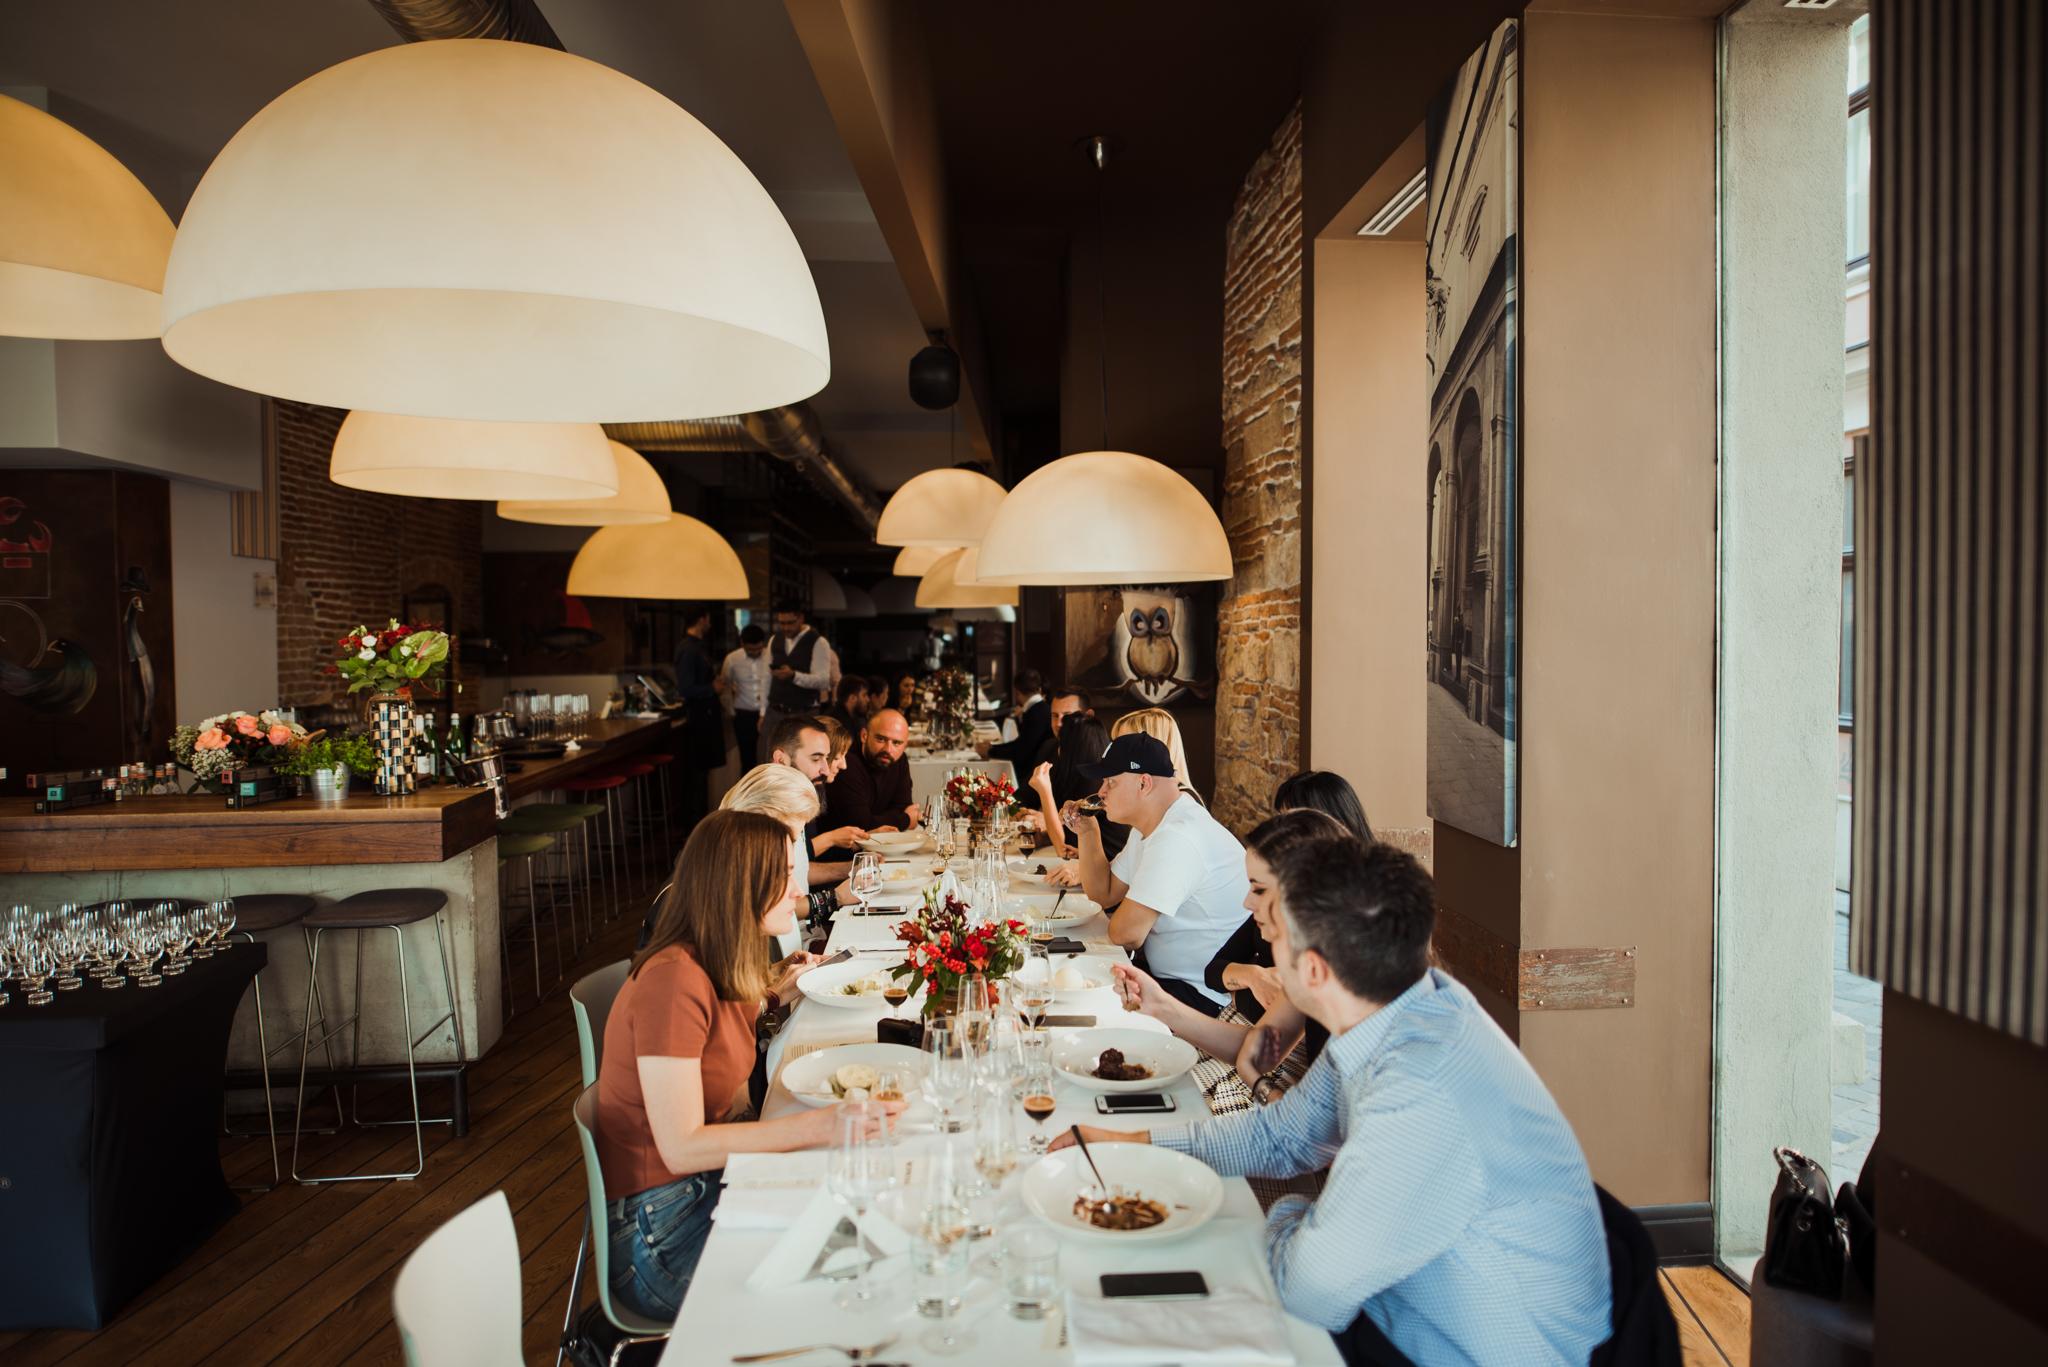 Nespresso_Baracca-Lunch-Cluj_18-10-2019_Andreea-Popa_KOMITI_0244_WEB